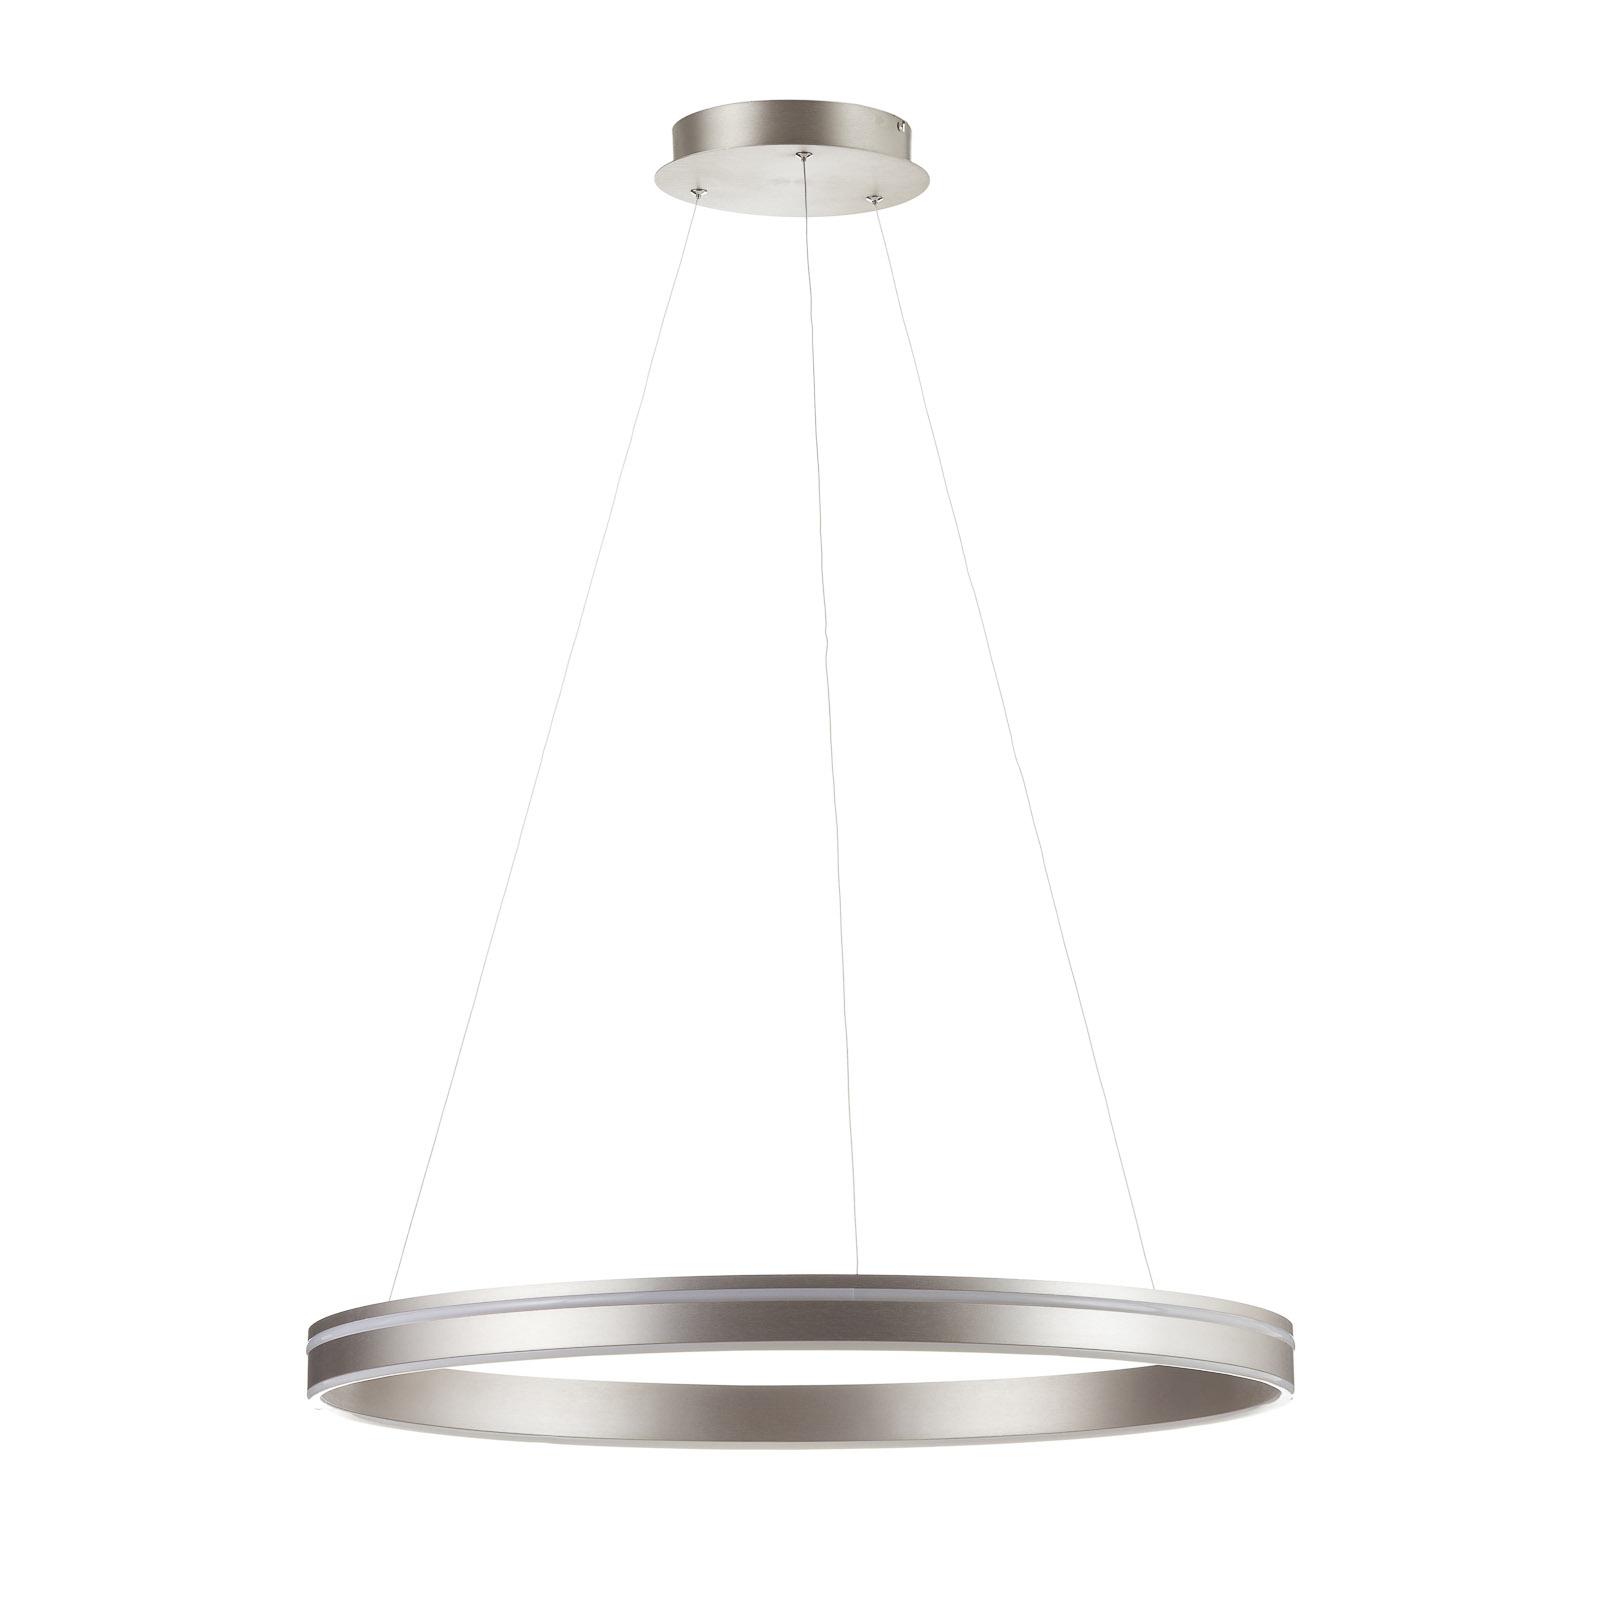 Paul Neuhaus Q-VITO LED-hengelampe 79cm stål